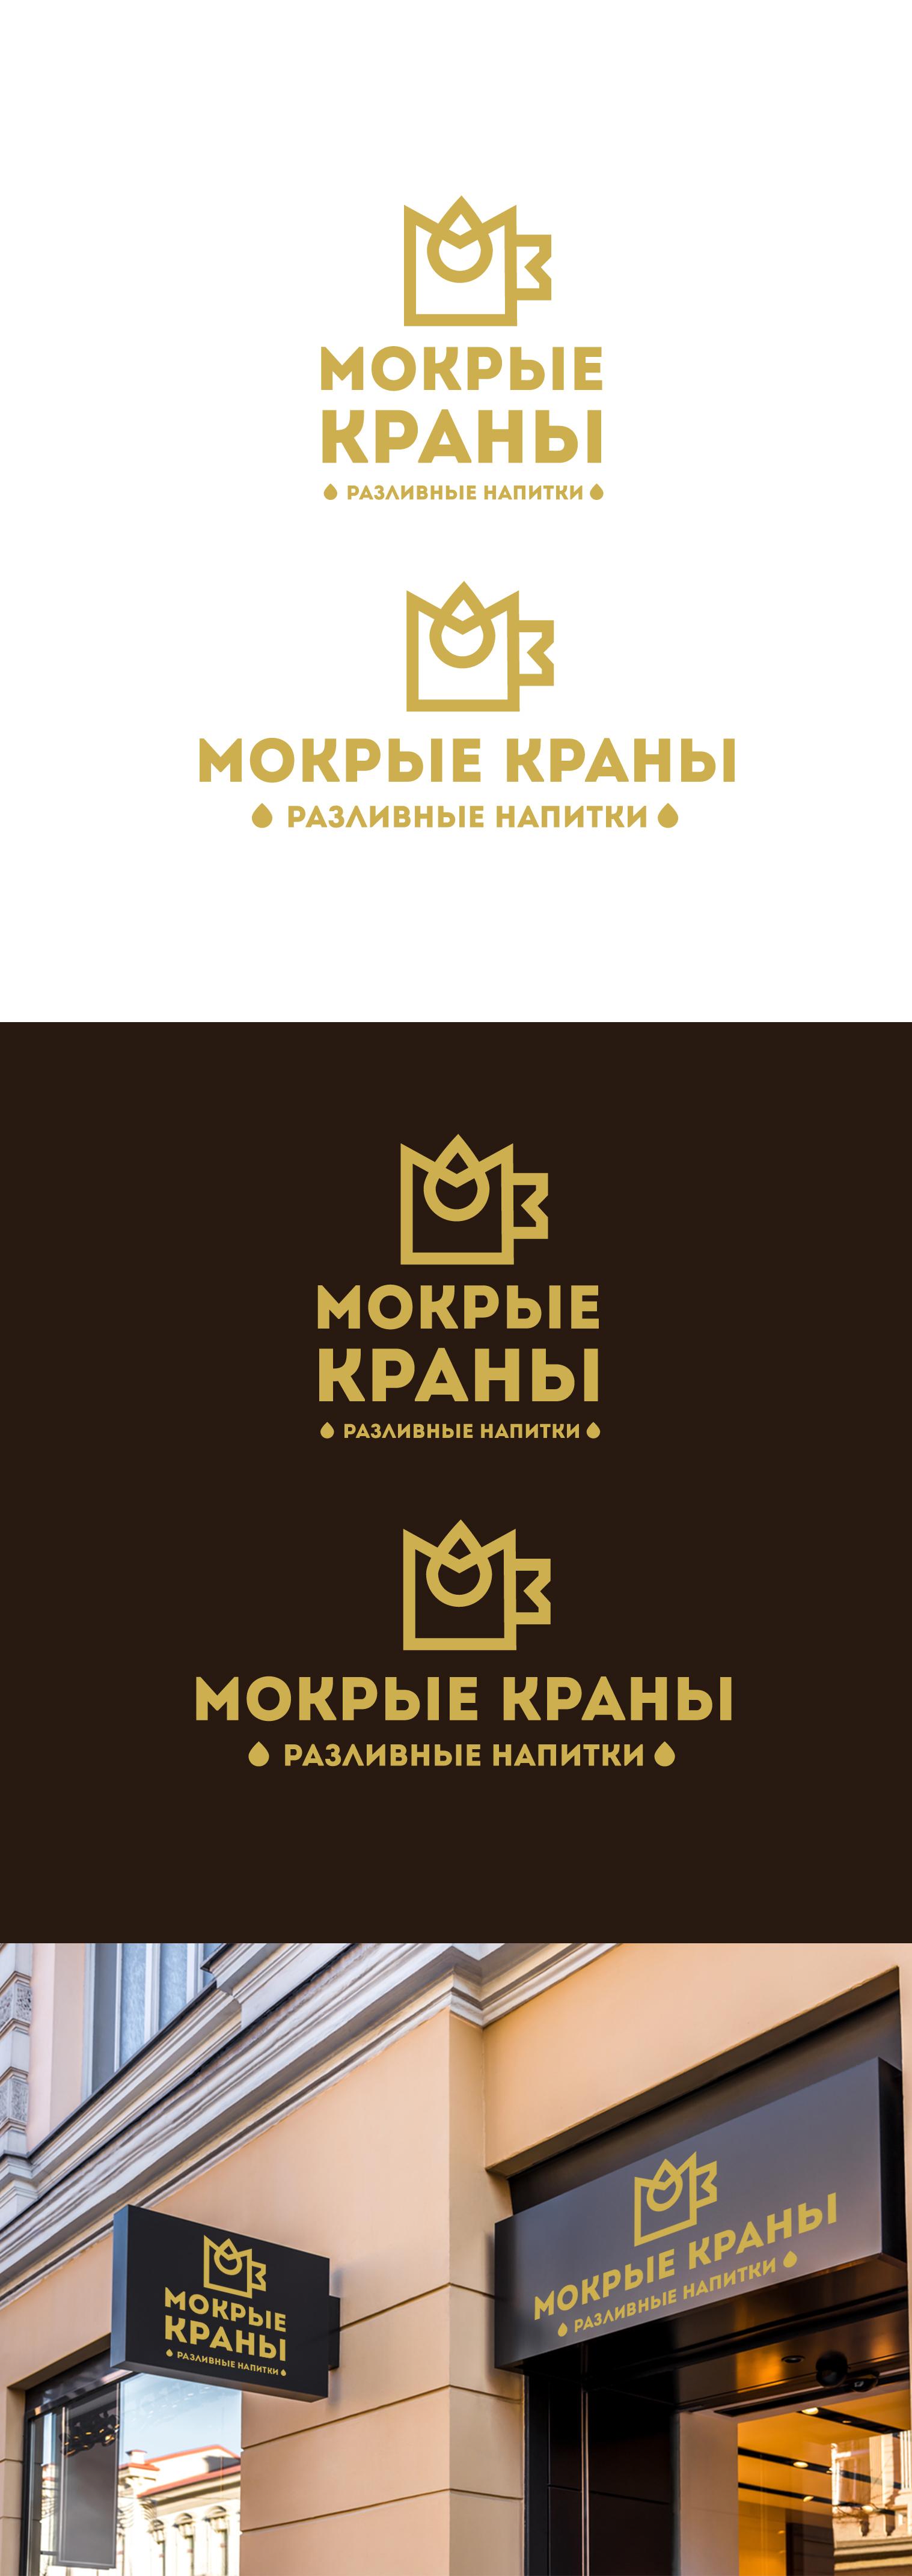 Вывеска/логотип для пивного магазина фото f_387602bf9c042bd7.jpg